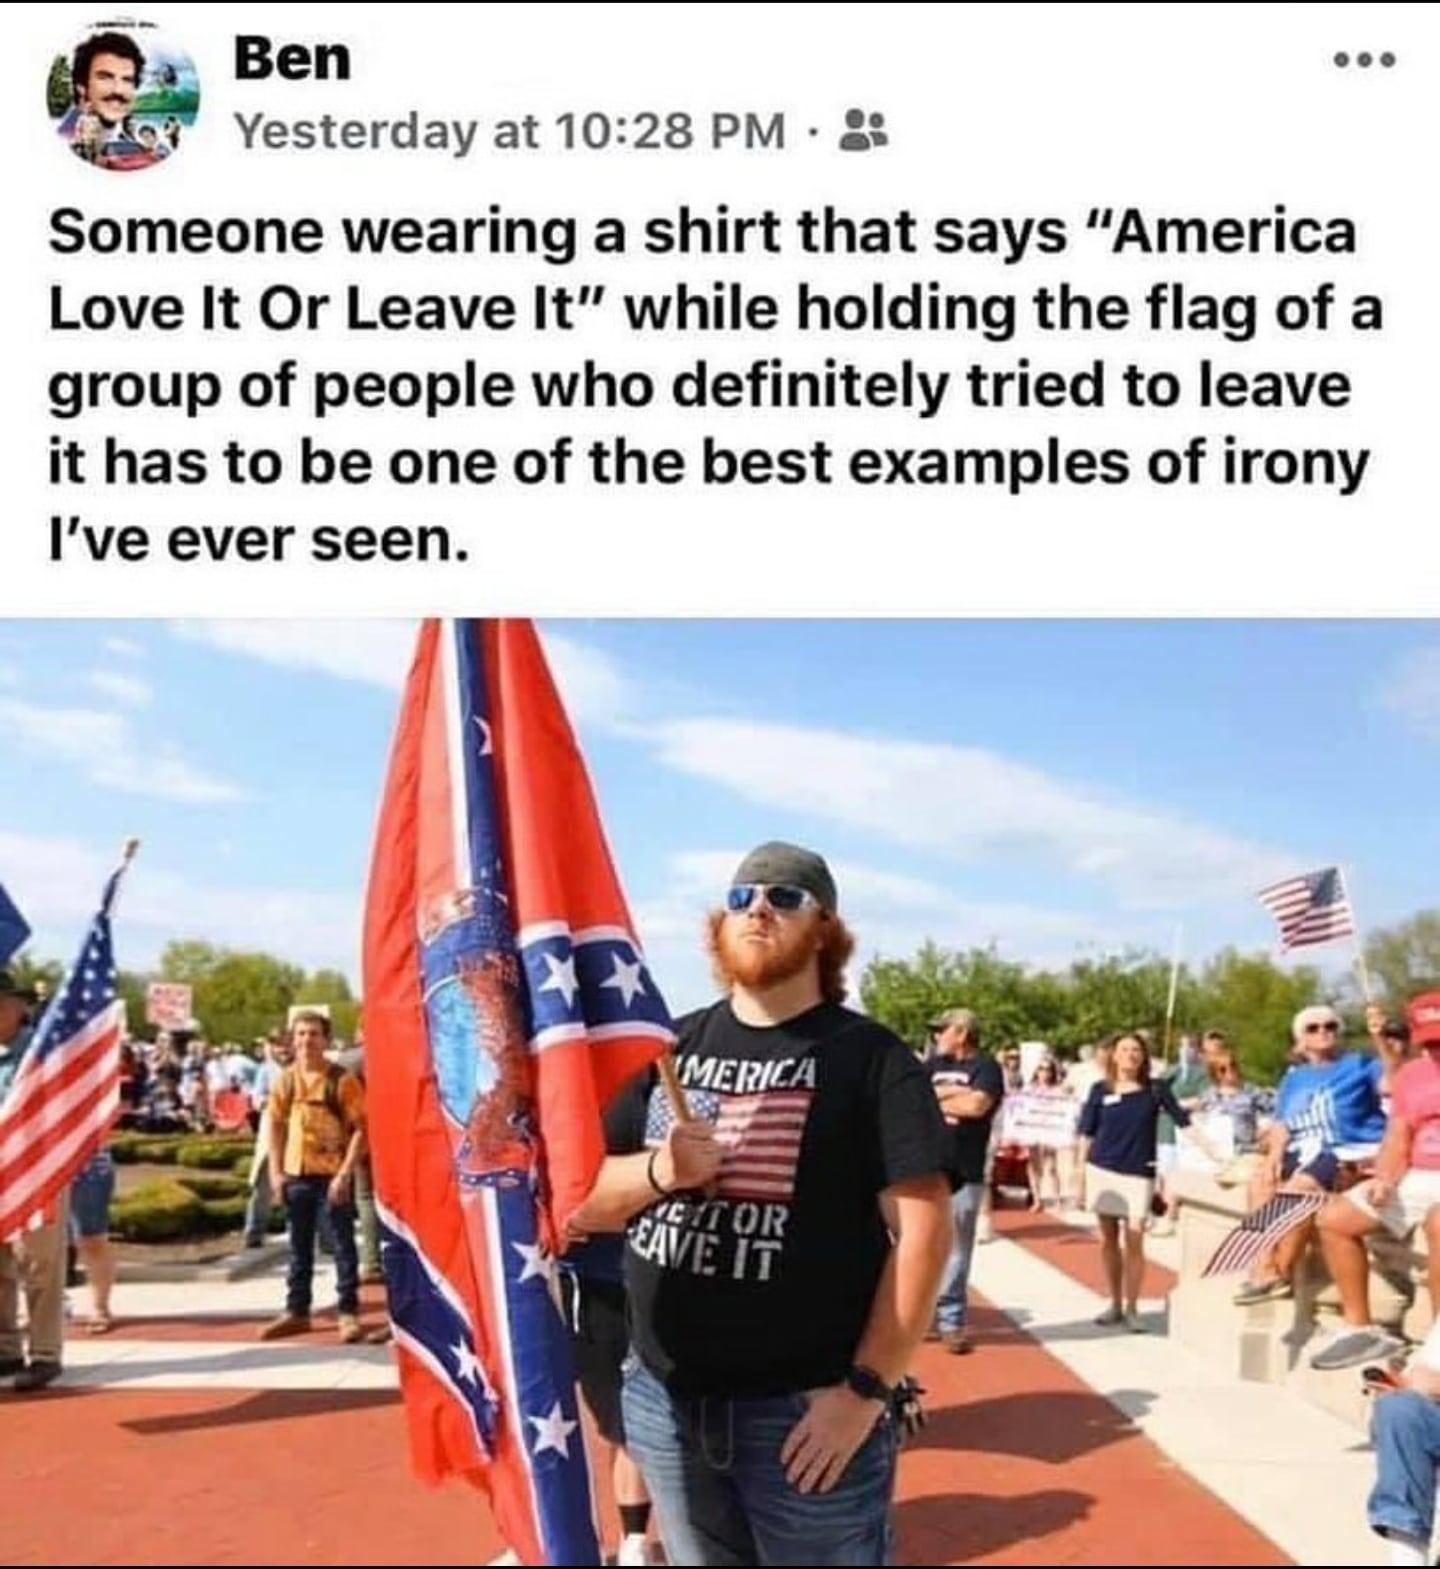 Political, America, American, Confederate, Confederacy, USA Political Memes Political, America, American, Confederate, Confederacy, USA  Jun 2020